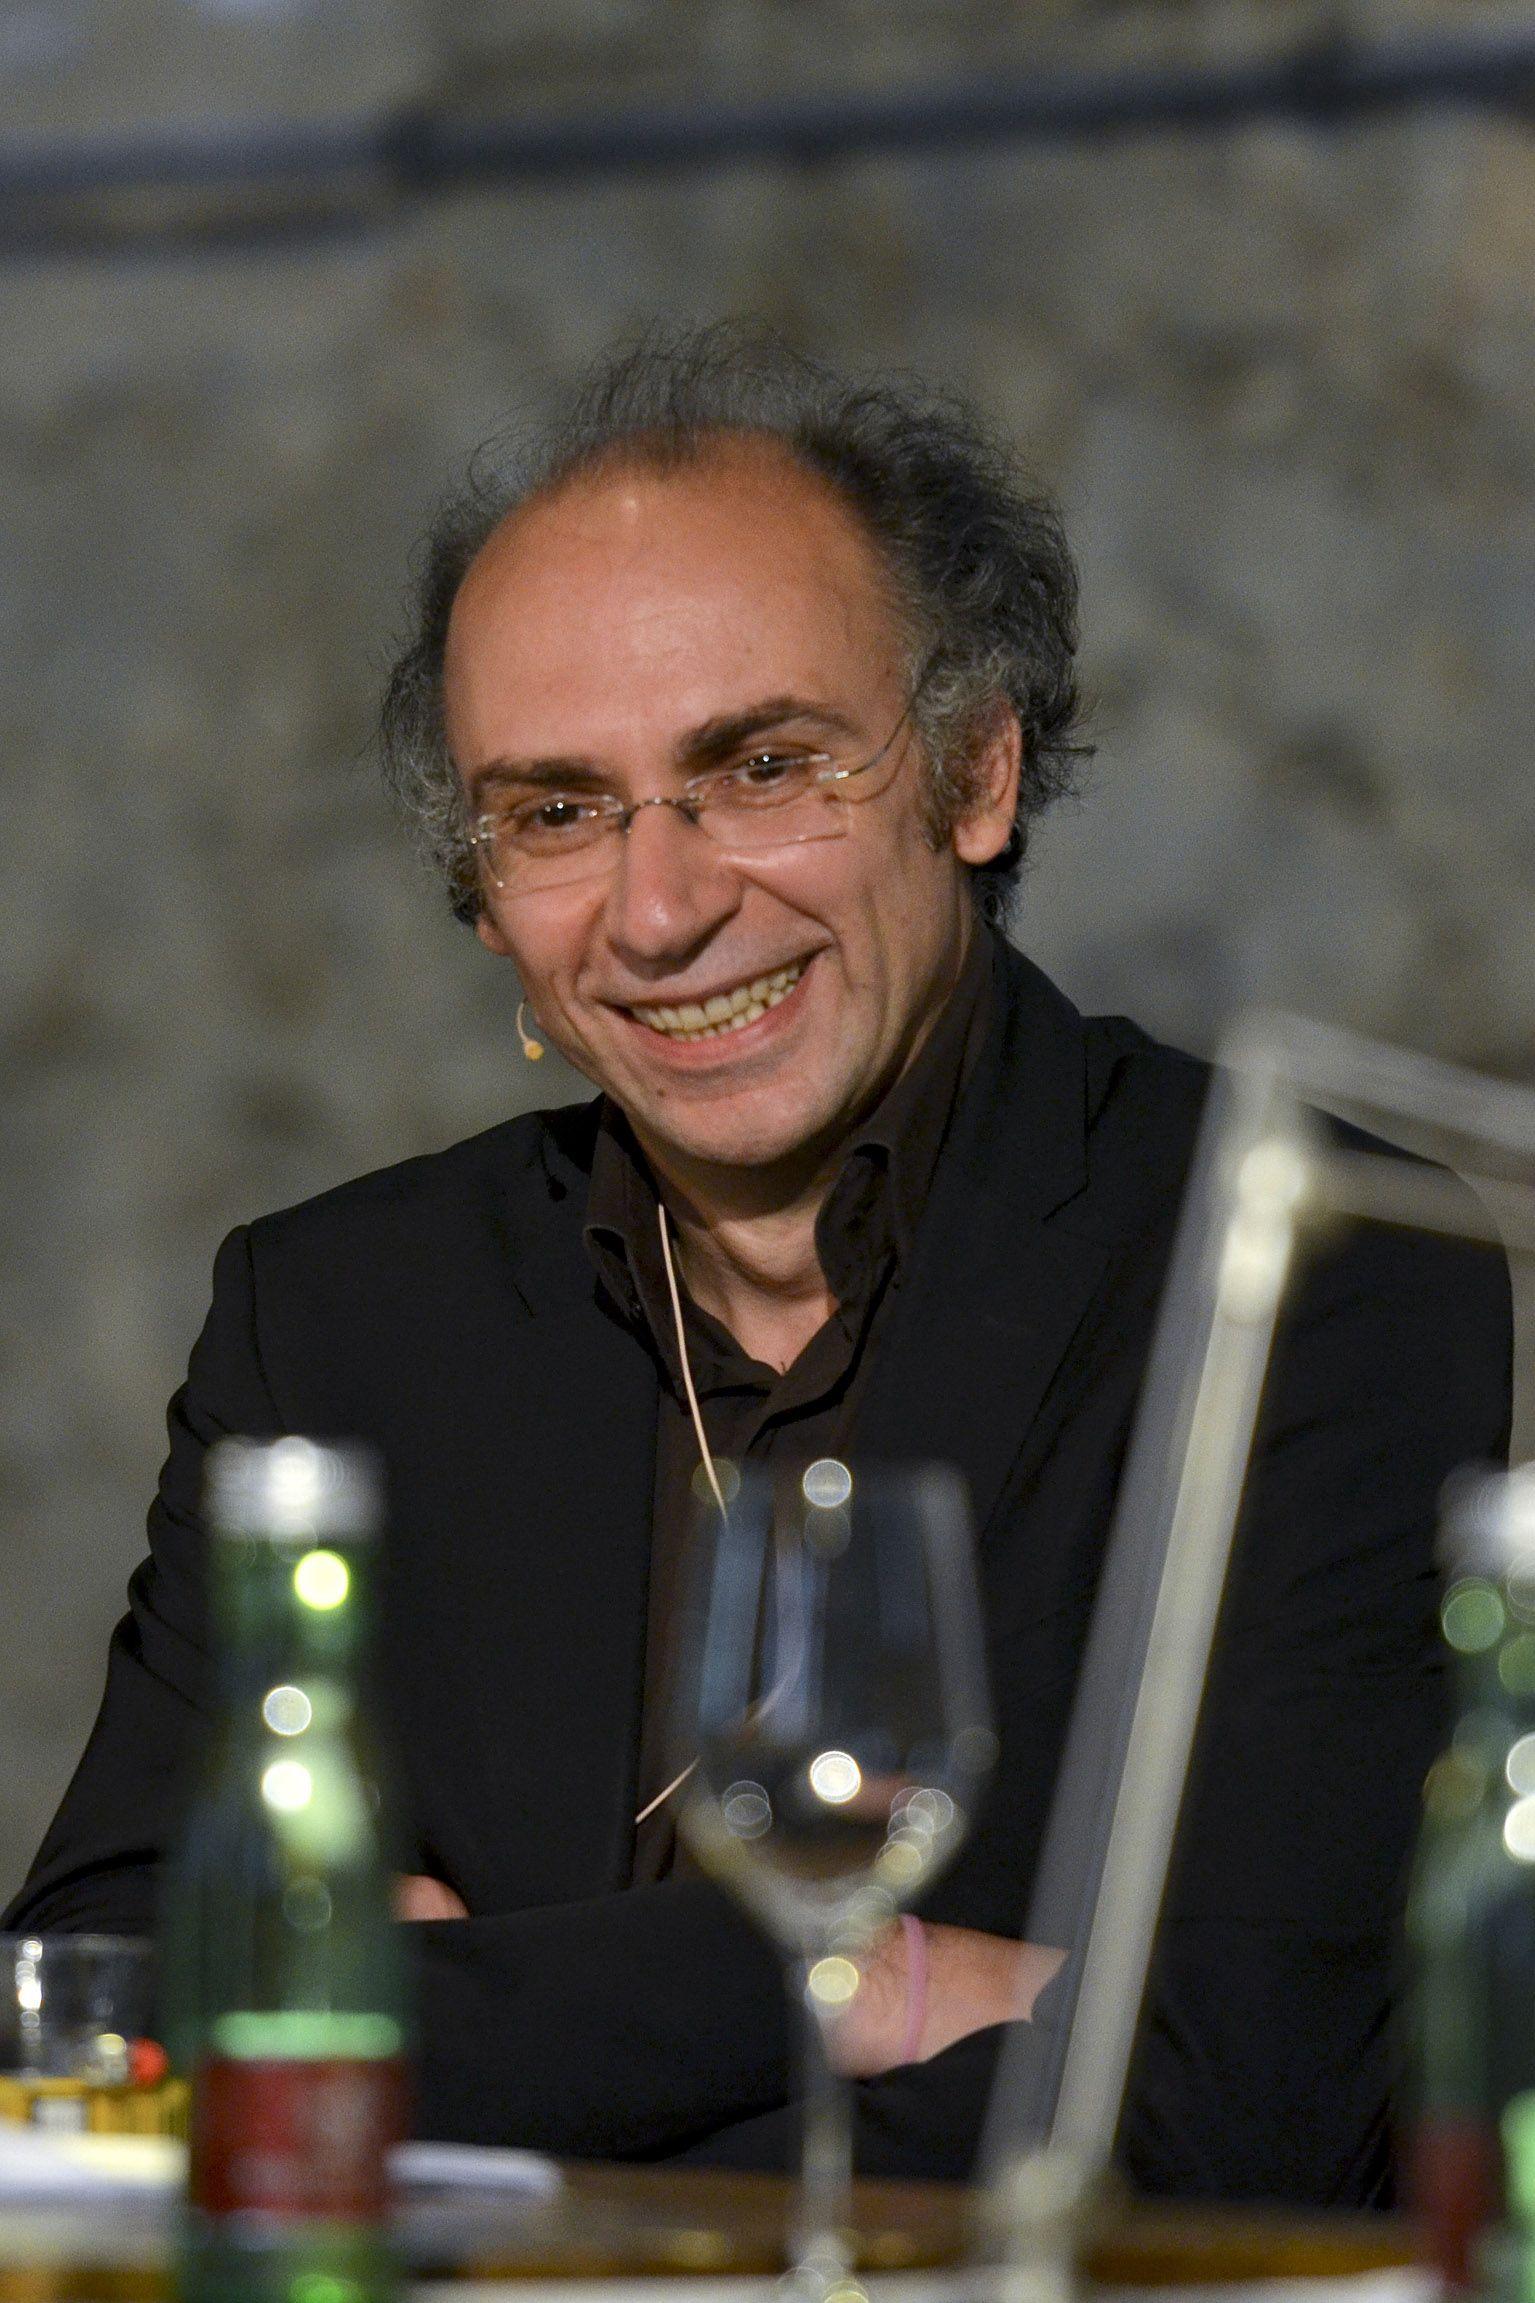 2012 - Ein Fest fuer Robert Menasse, im Rahmen der Salzkammergut Festwochen Gmunden, am dritten von vier Tagen, in der Hipphalle in Gmunden. Schriftsteller und Literaturpreistraeger Dimitre Dinev